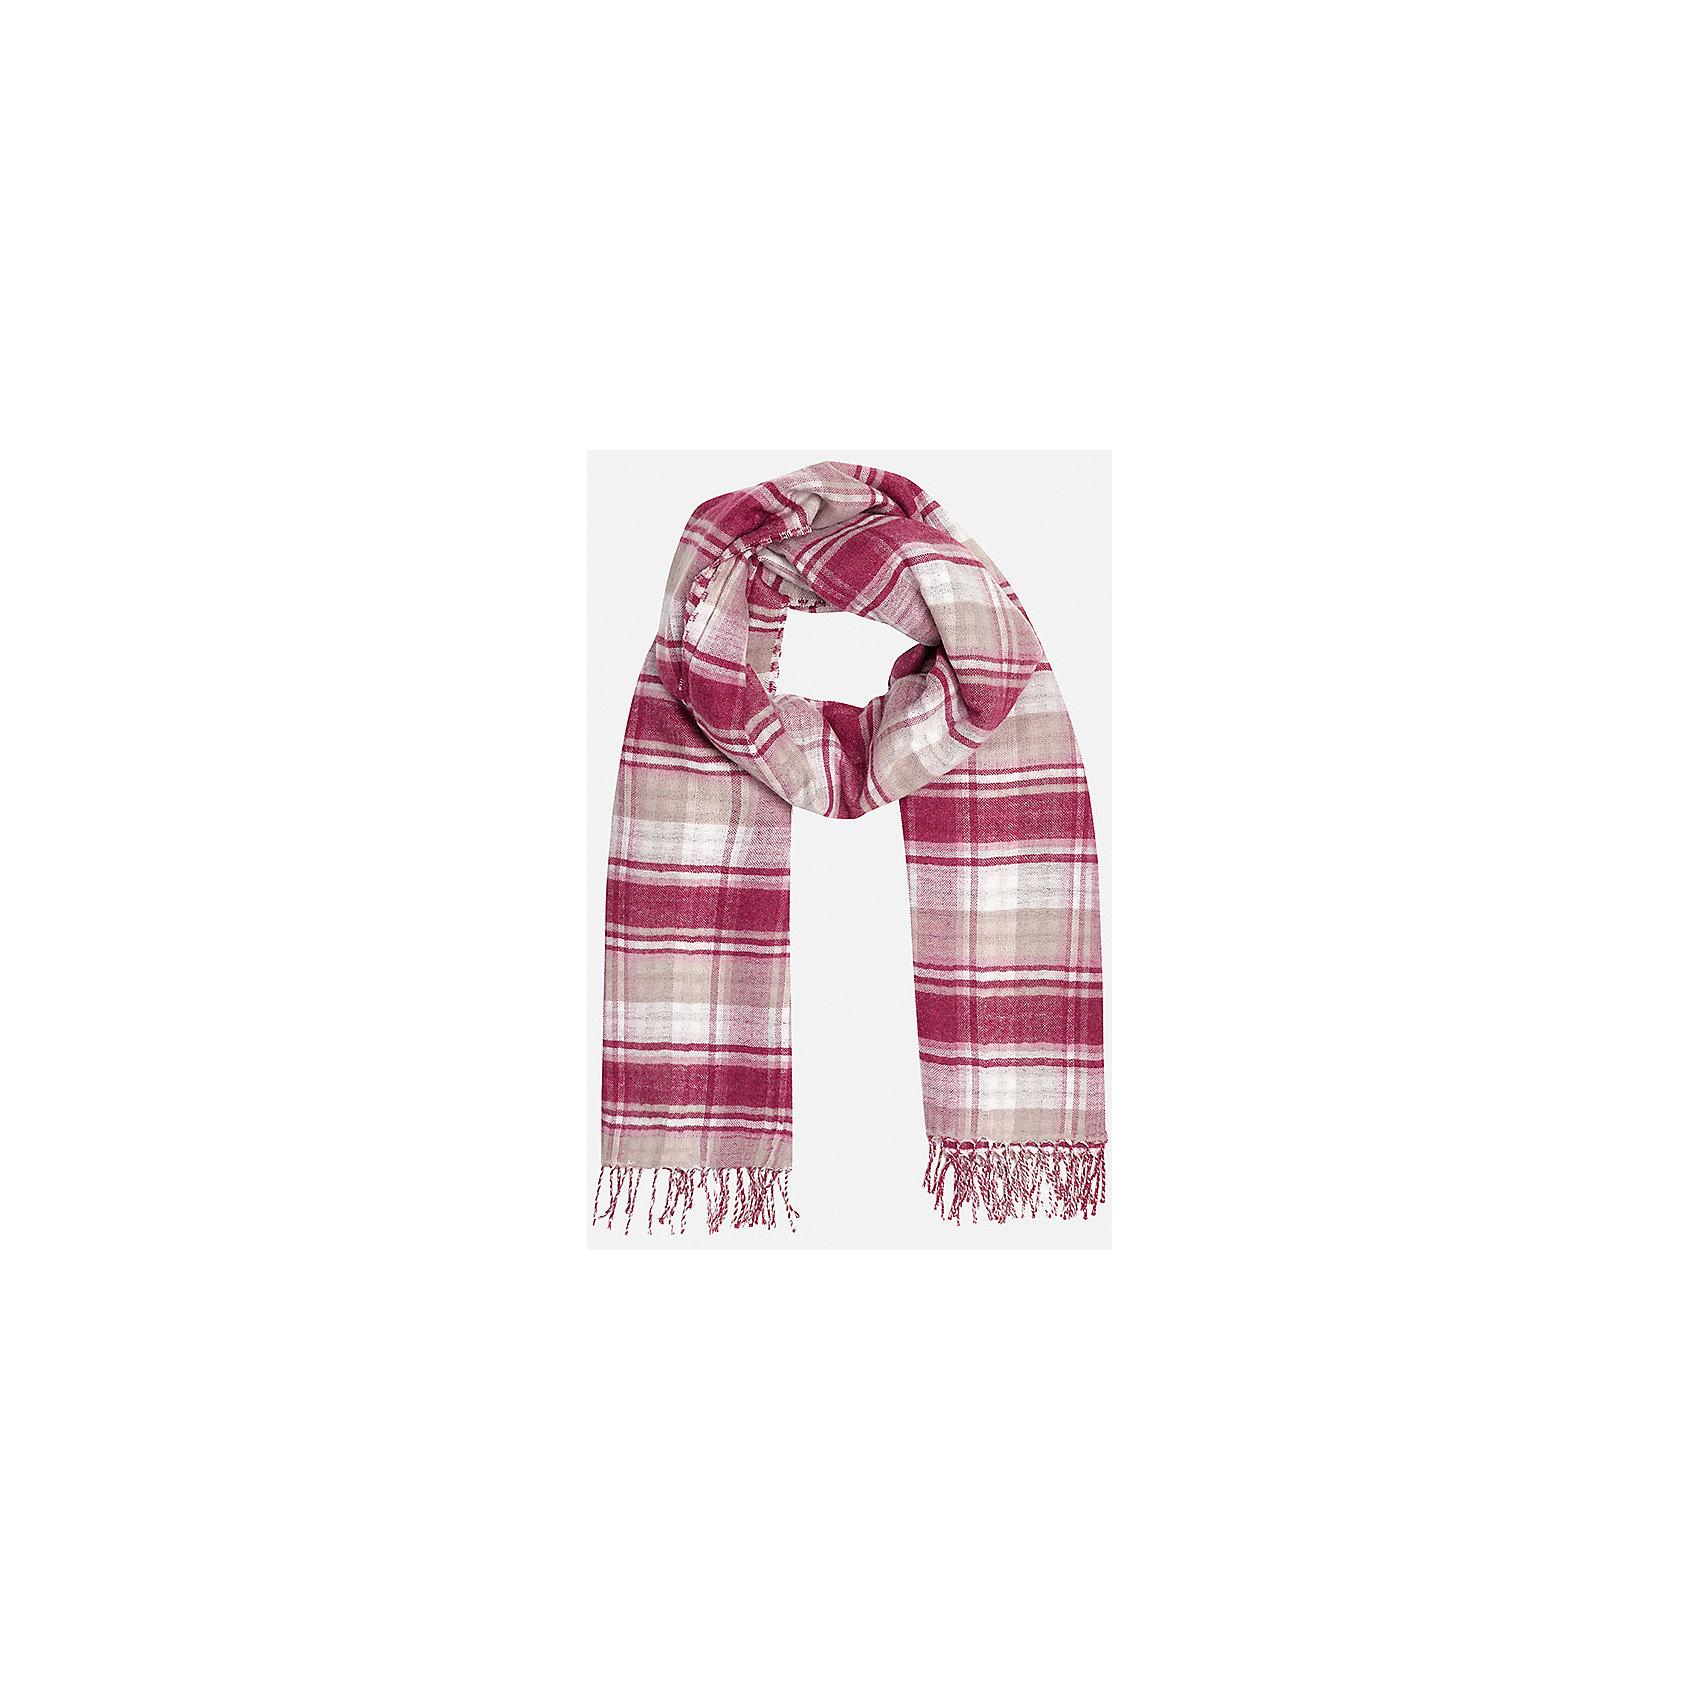 Платок для девочки MayoralШарфы, платки<br>Платок для девочки Mayoral от известного испанского бренда Mayoral. Вязаный комплект выполнен из акриловой ткани с добавлением модала. Модал обеспечивает полотну гипоаллергенность и мягкость. Платок выполнен в двустороннем рисунке: одна сторона – крупная шотландка, вторая сторона – мелкая шахматка. Платок можно использовать и как шарф. Края платка оформлены кистями в тон платку.<br><br>Дополнительная информация:<br><br>- Предназначение: повседневная одежда<br>- Цвет: красный, розовый, белый, бежевый<br>- Пол: для девочки<br>- Состав: 90% акрил, 10% модал<br>- Сезон: осень-зима-весна<br>- Особенности ухода: стирка при температуре 30 градусов, глажение <br><br>Подробнее:<br><br>• Для детей в возрасте: от 8 лет и до 16 лет<br>• Страна производитель: Китай<br>• Торговый бренд: Mayoral<br><br>Платок для девочки Mayoral (Майорал) можно купить в нашем интернет-магазине.<br><br>Ширина мм: 89<br>Глубина мм: 117<br>Высота мм: 44<br>Вес г: 155<br>Цвет: розовый<br>Возраст от месяцев: 96<br>Возраст до месяцев: 108<br>Пол: Женский<br>Возраст: Детский<br>Размер: 58,56<br>SKU: 4867467